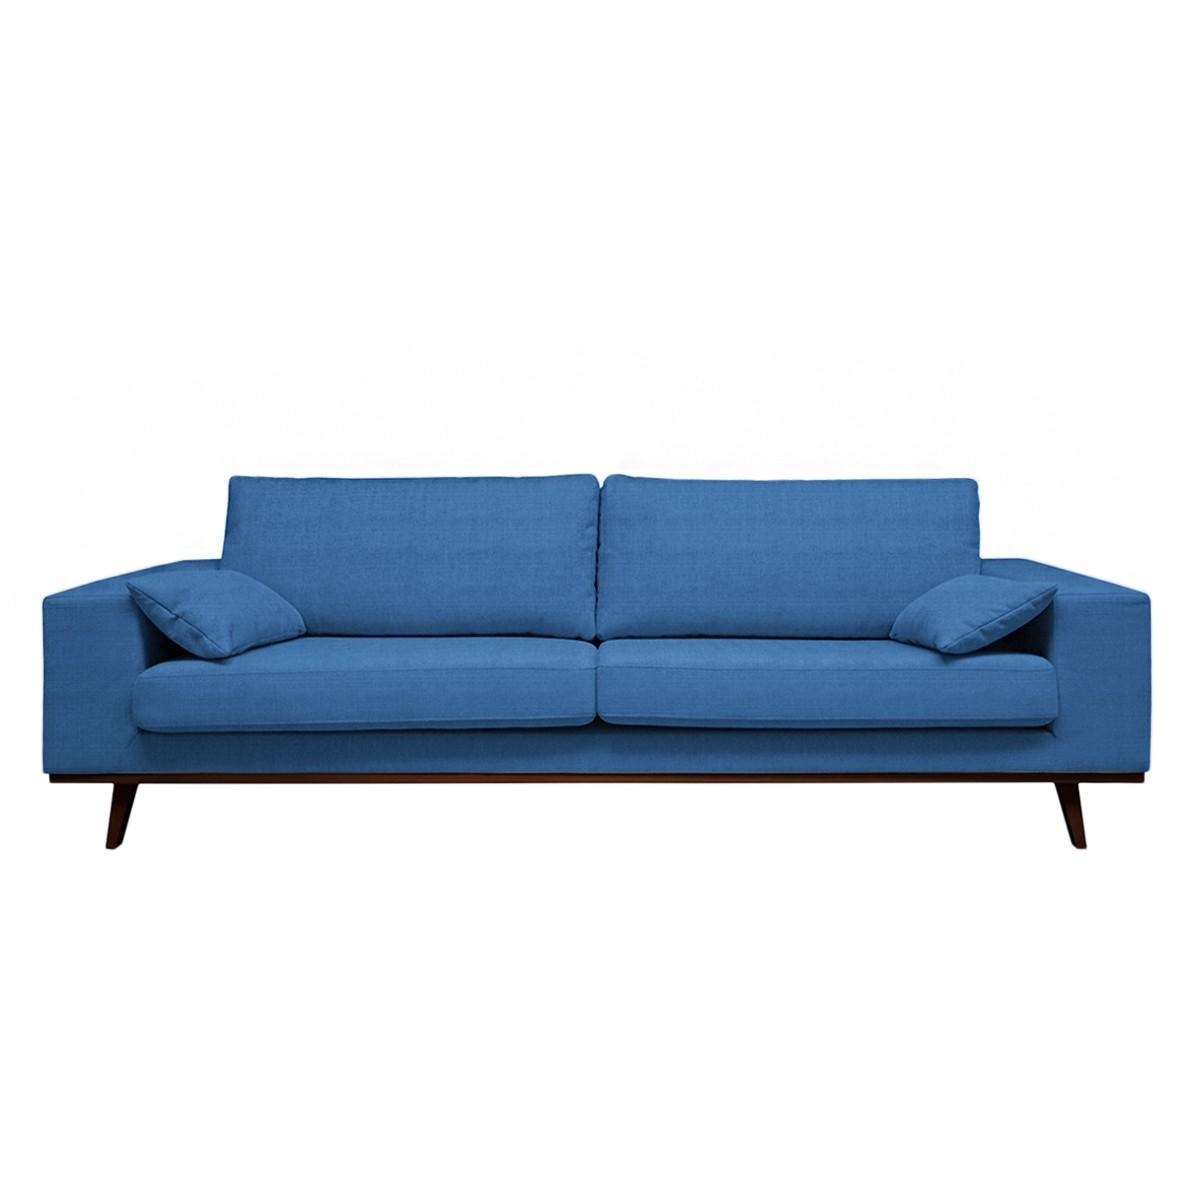 Canapé Billund II (3 places) - Tissu - Bleu brillant, Morteens